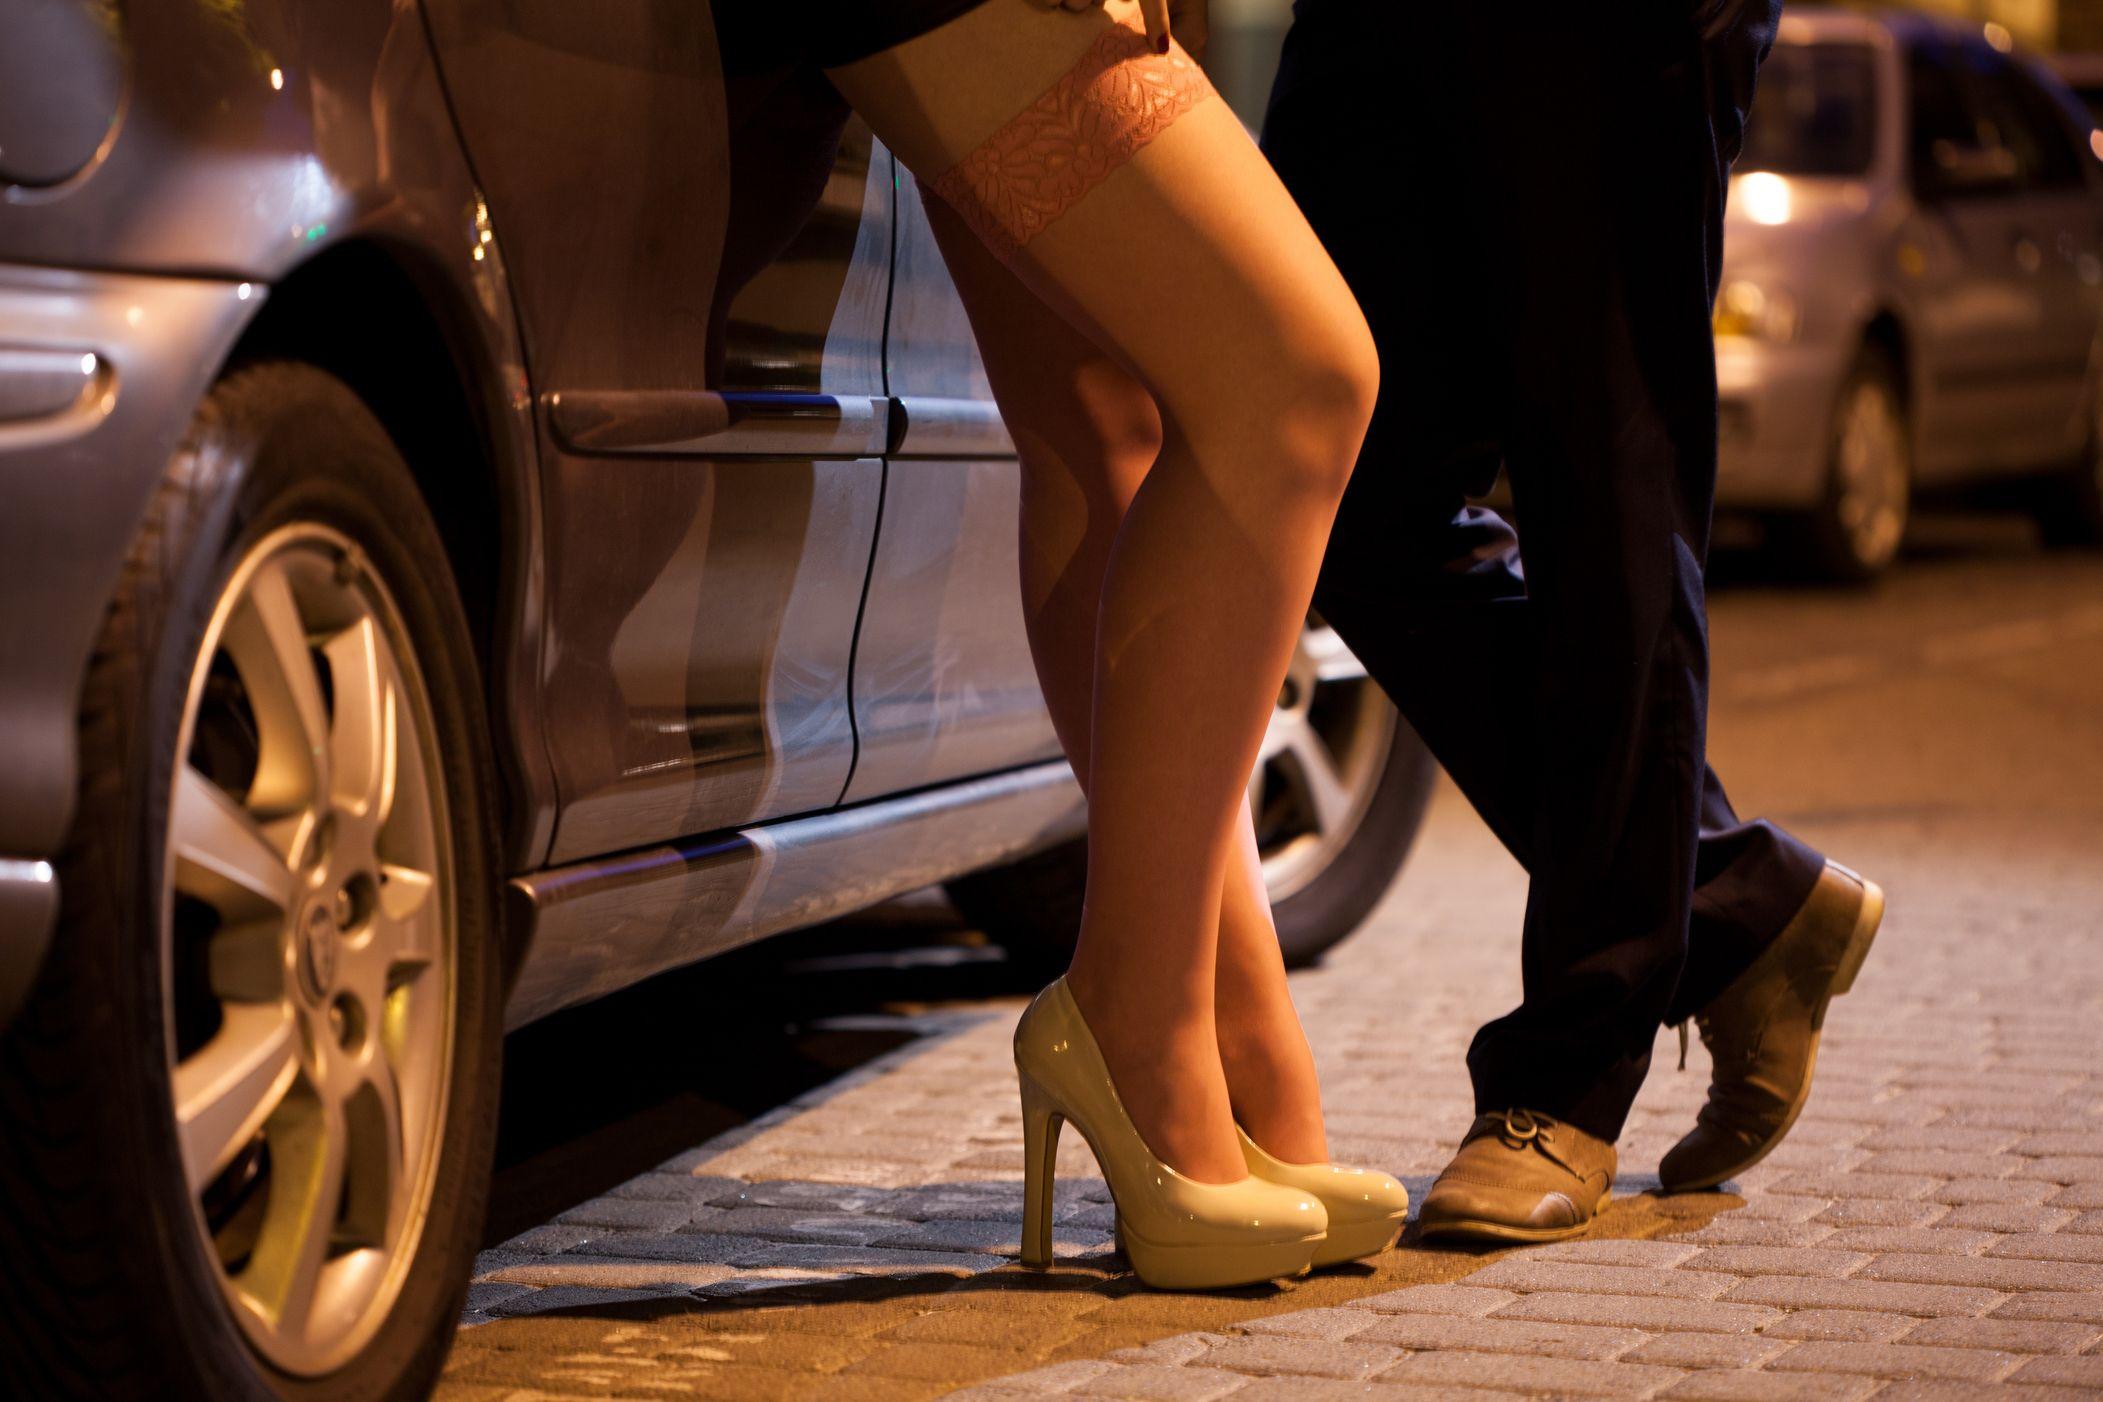 Mulheres enganadas com falso emprego e obrigadas a prostituírem-se